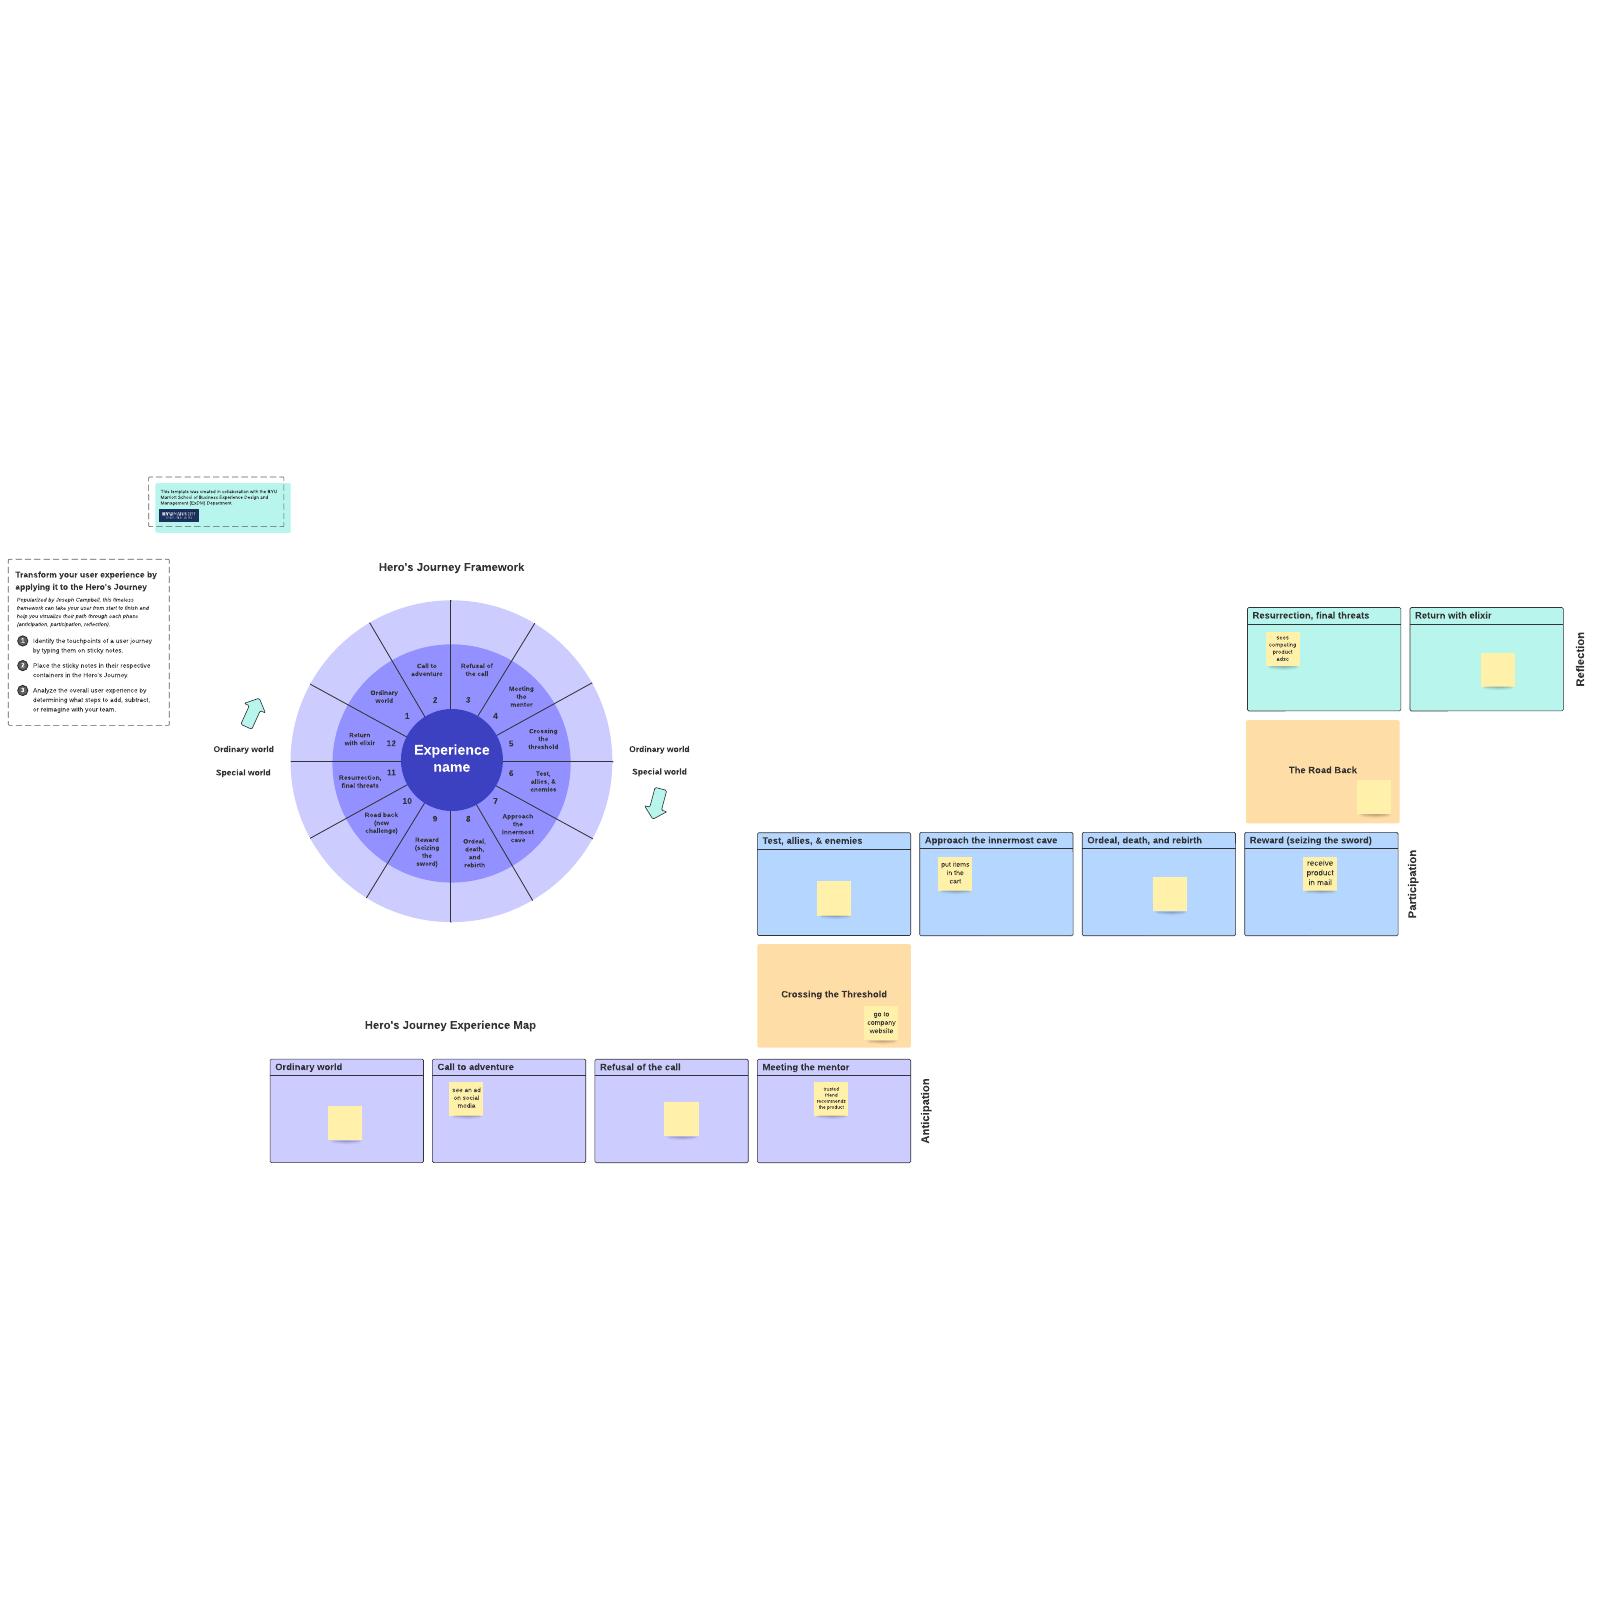 Hero's journey framework